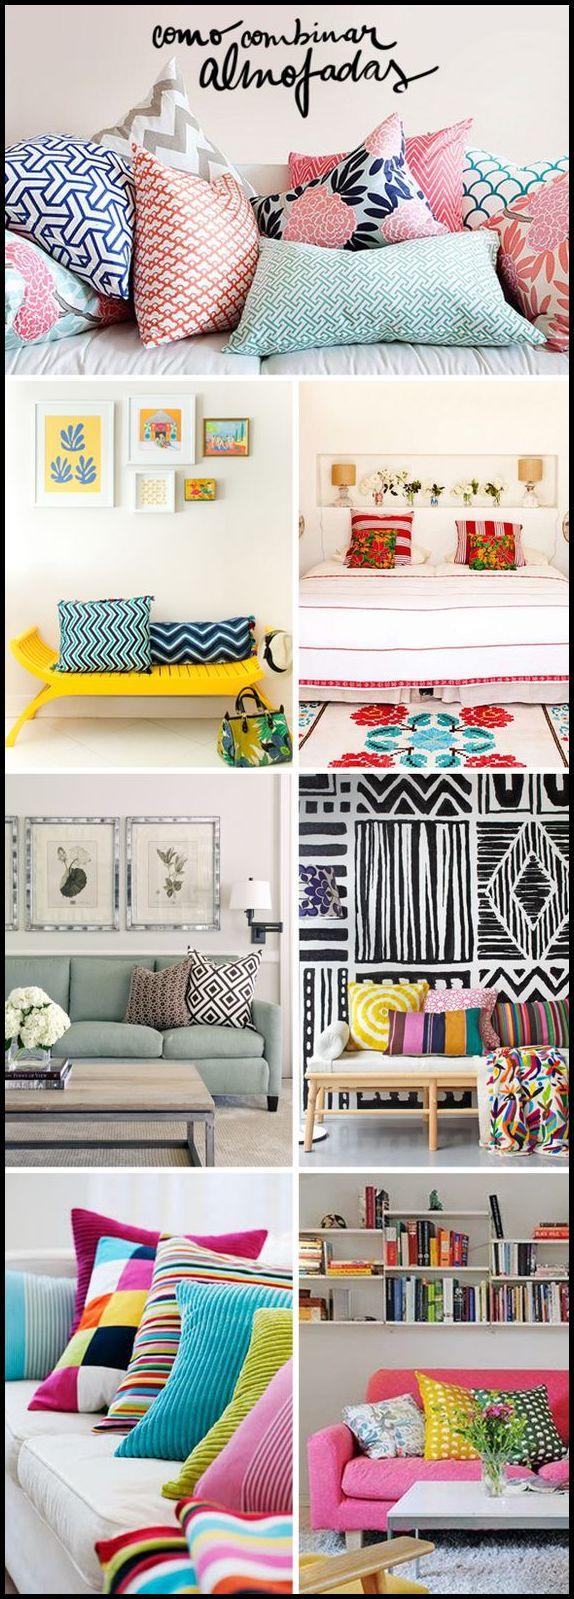 decorar-com-almofadas